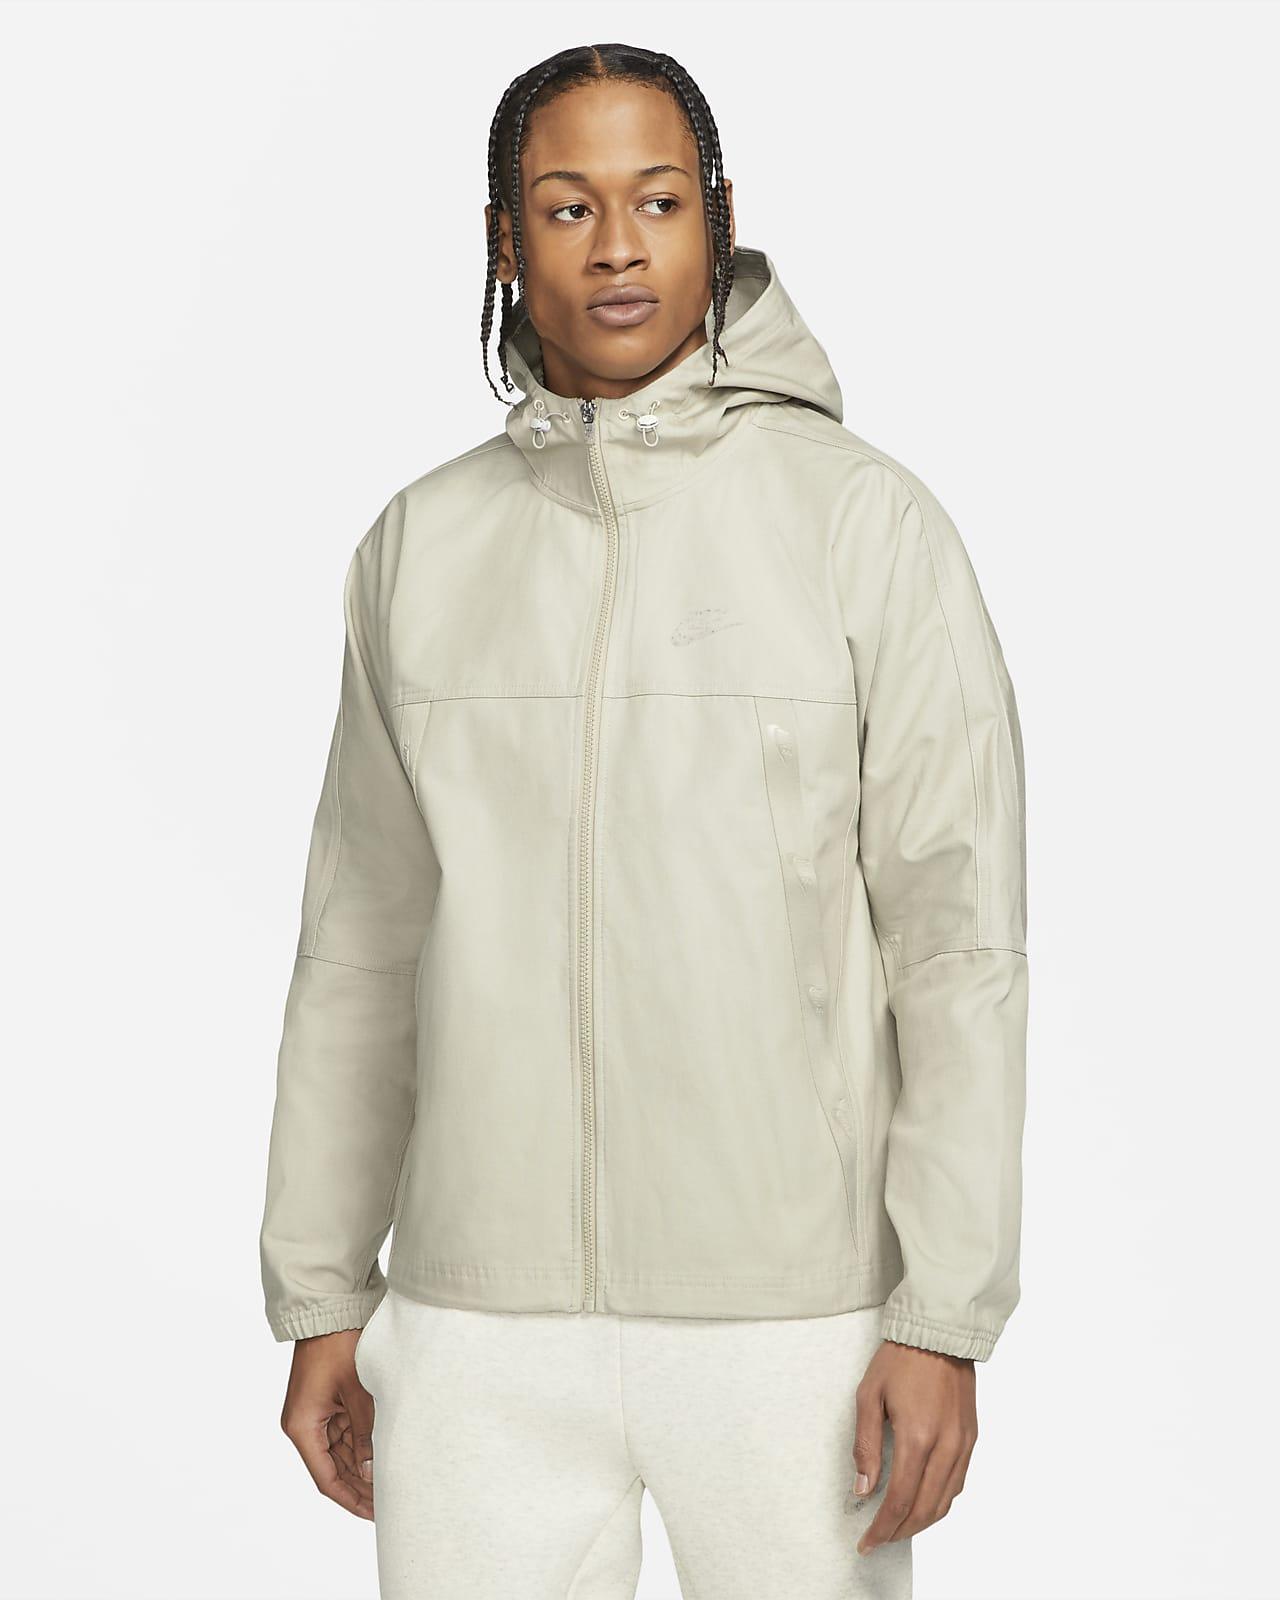 Nike Sportswear Men's Canvas Jacket